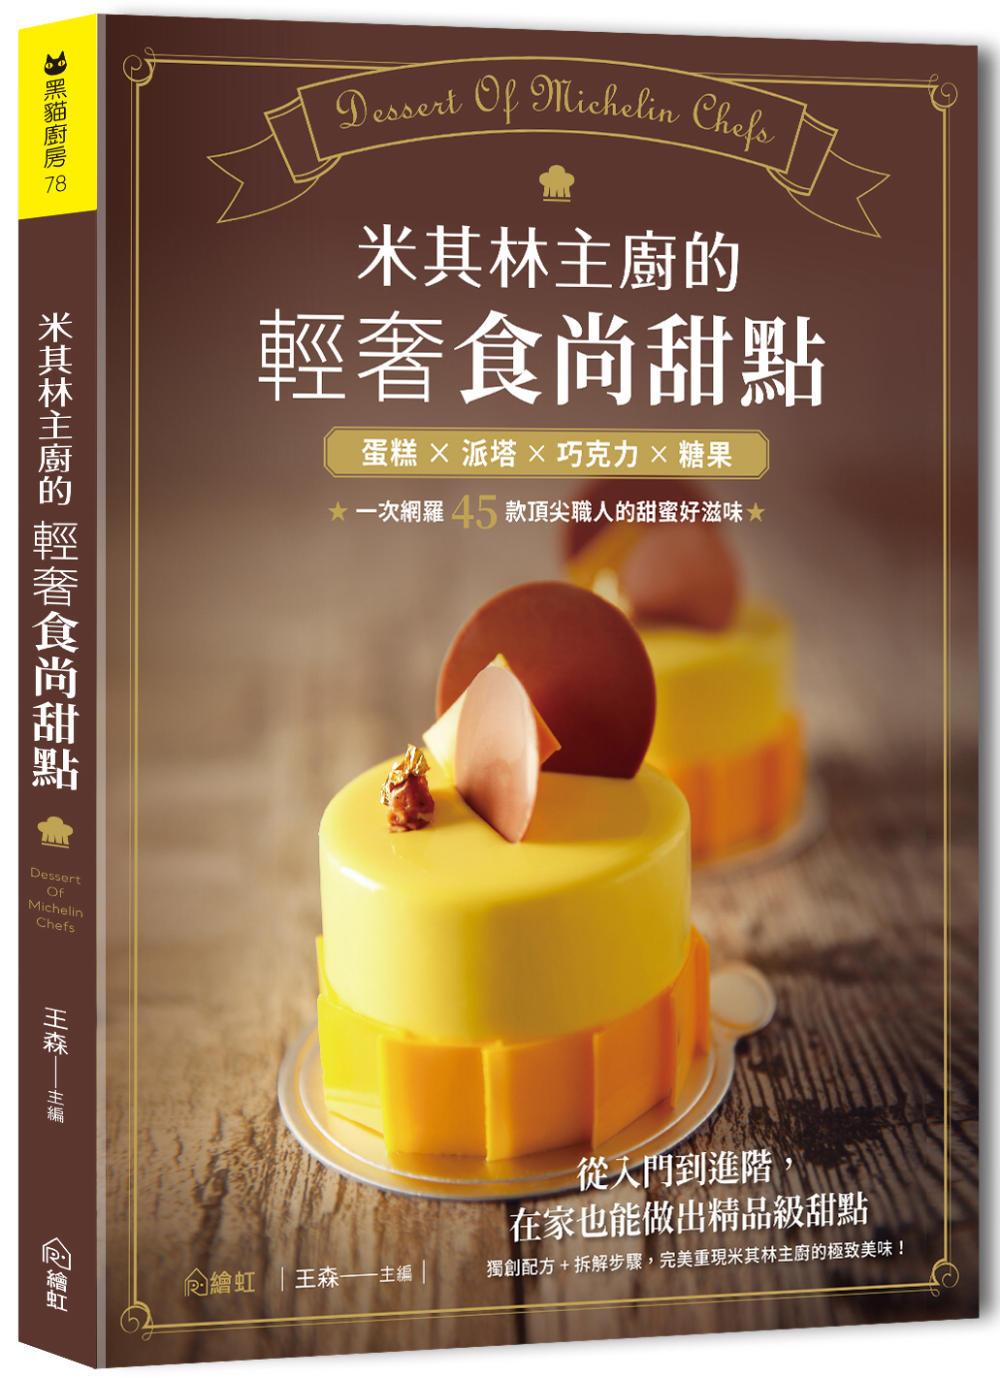 米其林主廚的輕奢食尚甜點:蛋糕...